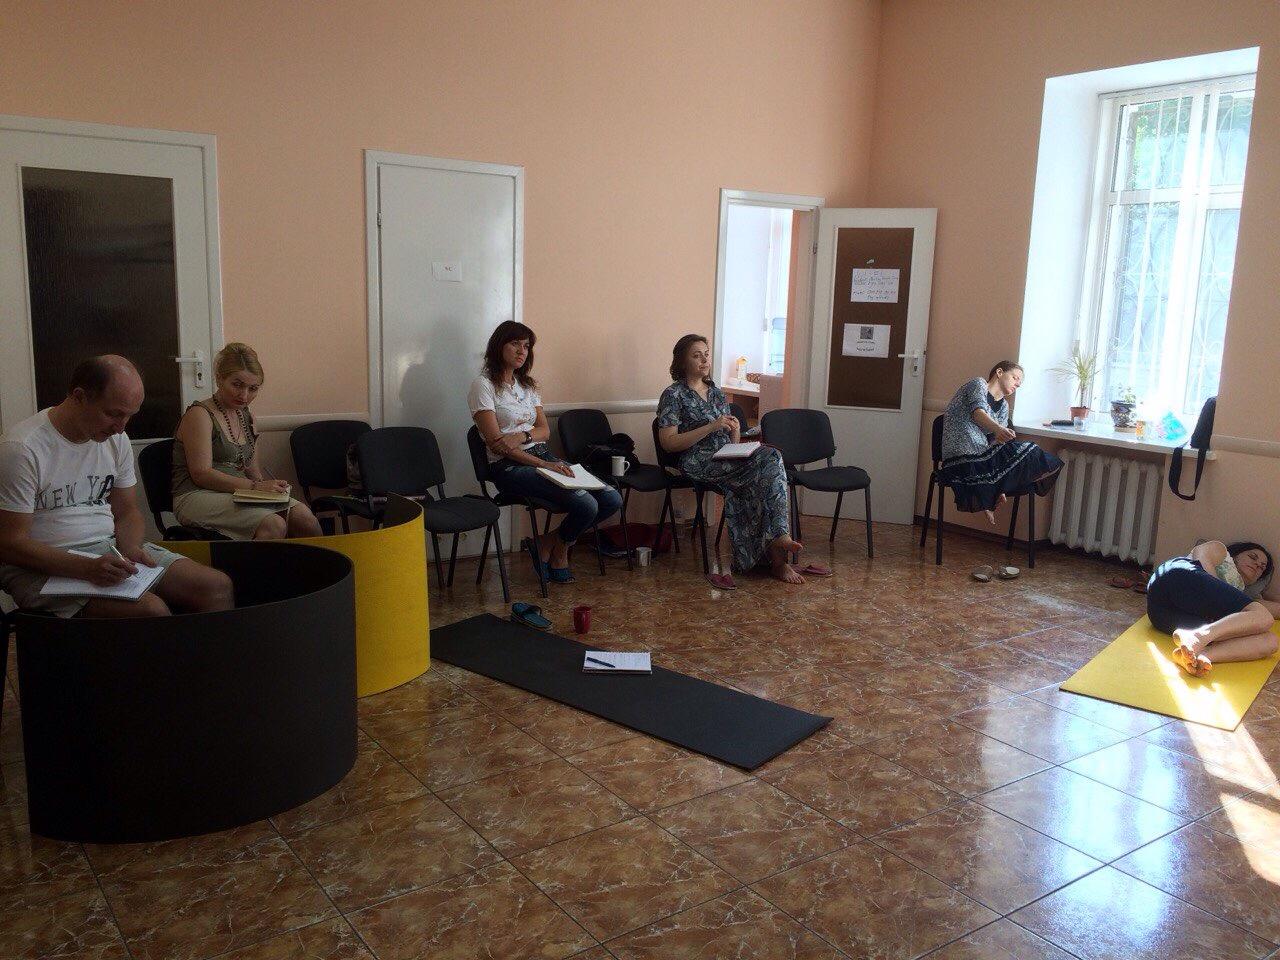 Группа доп. проф. образования, зачет, Киев 2015 г.